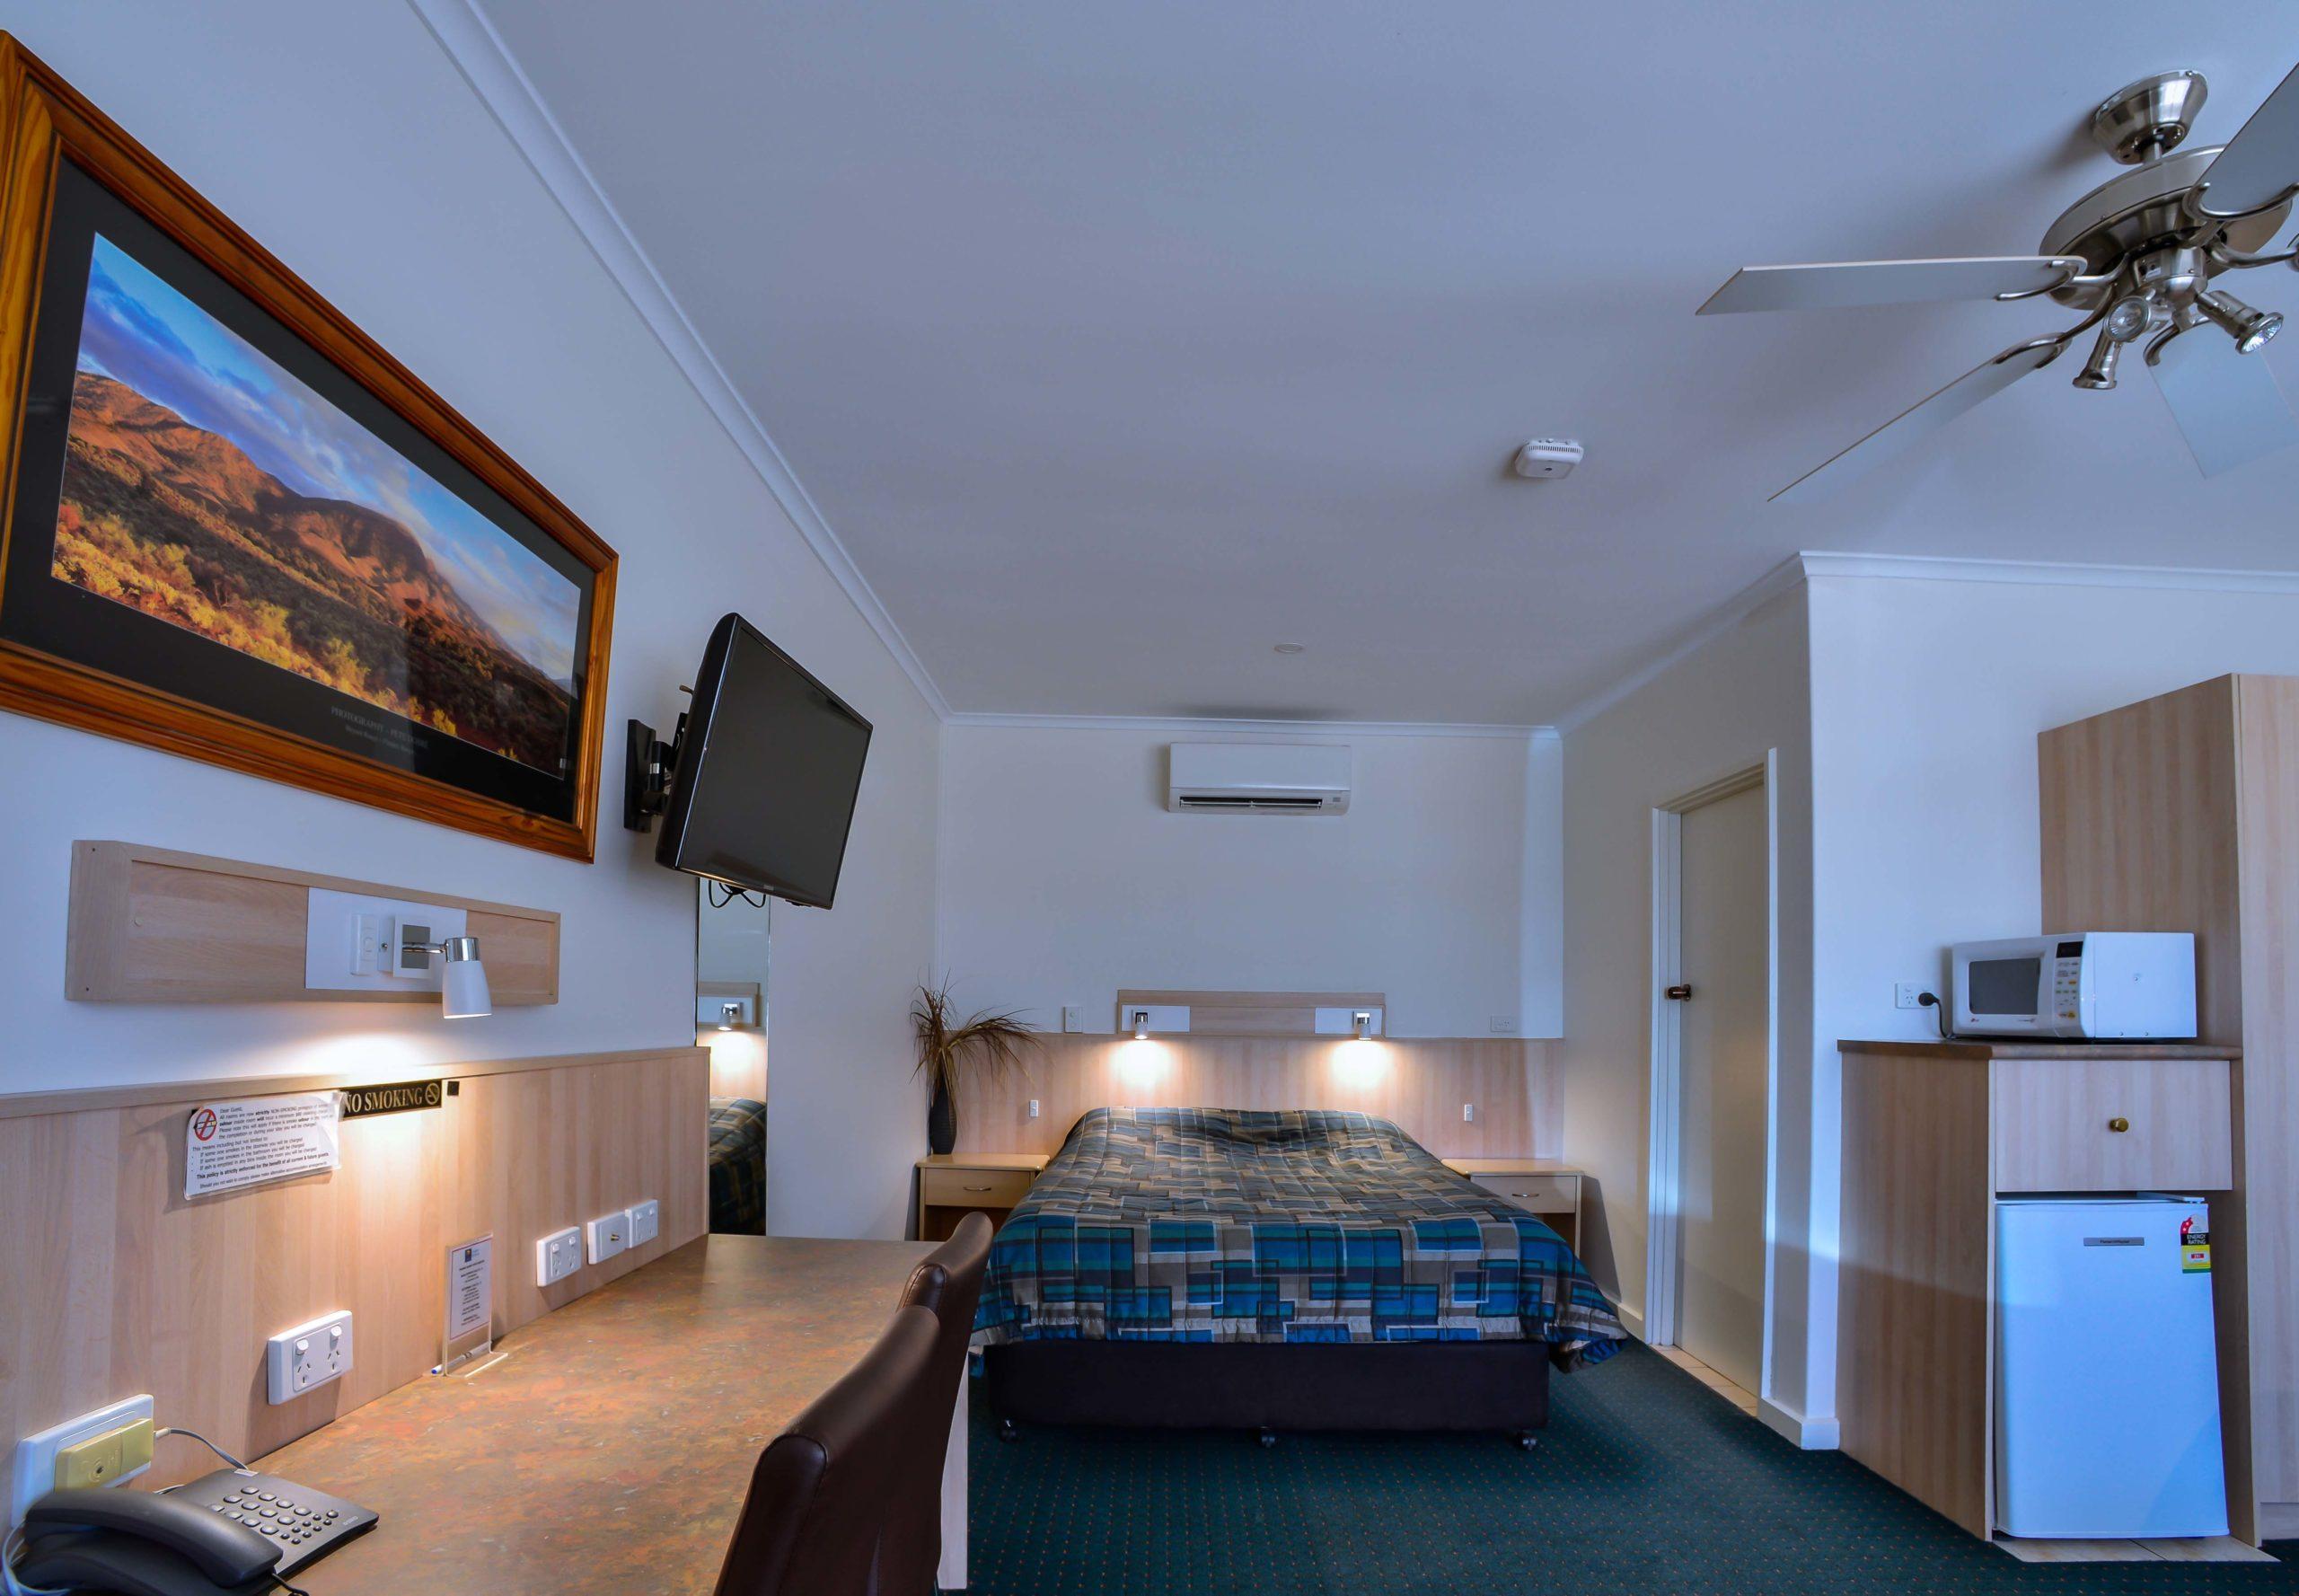 augusta-westside-comfort-inn-suite-1